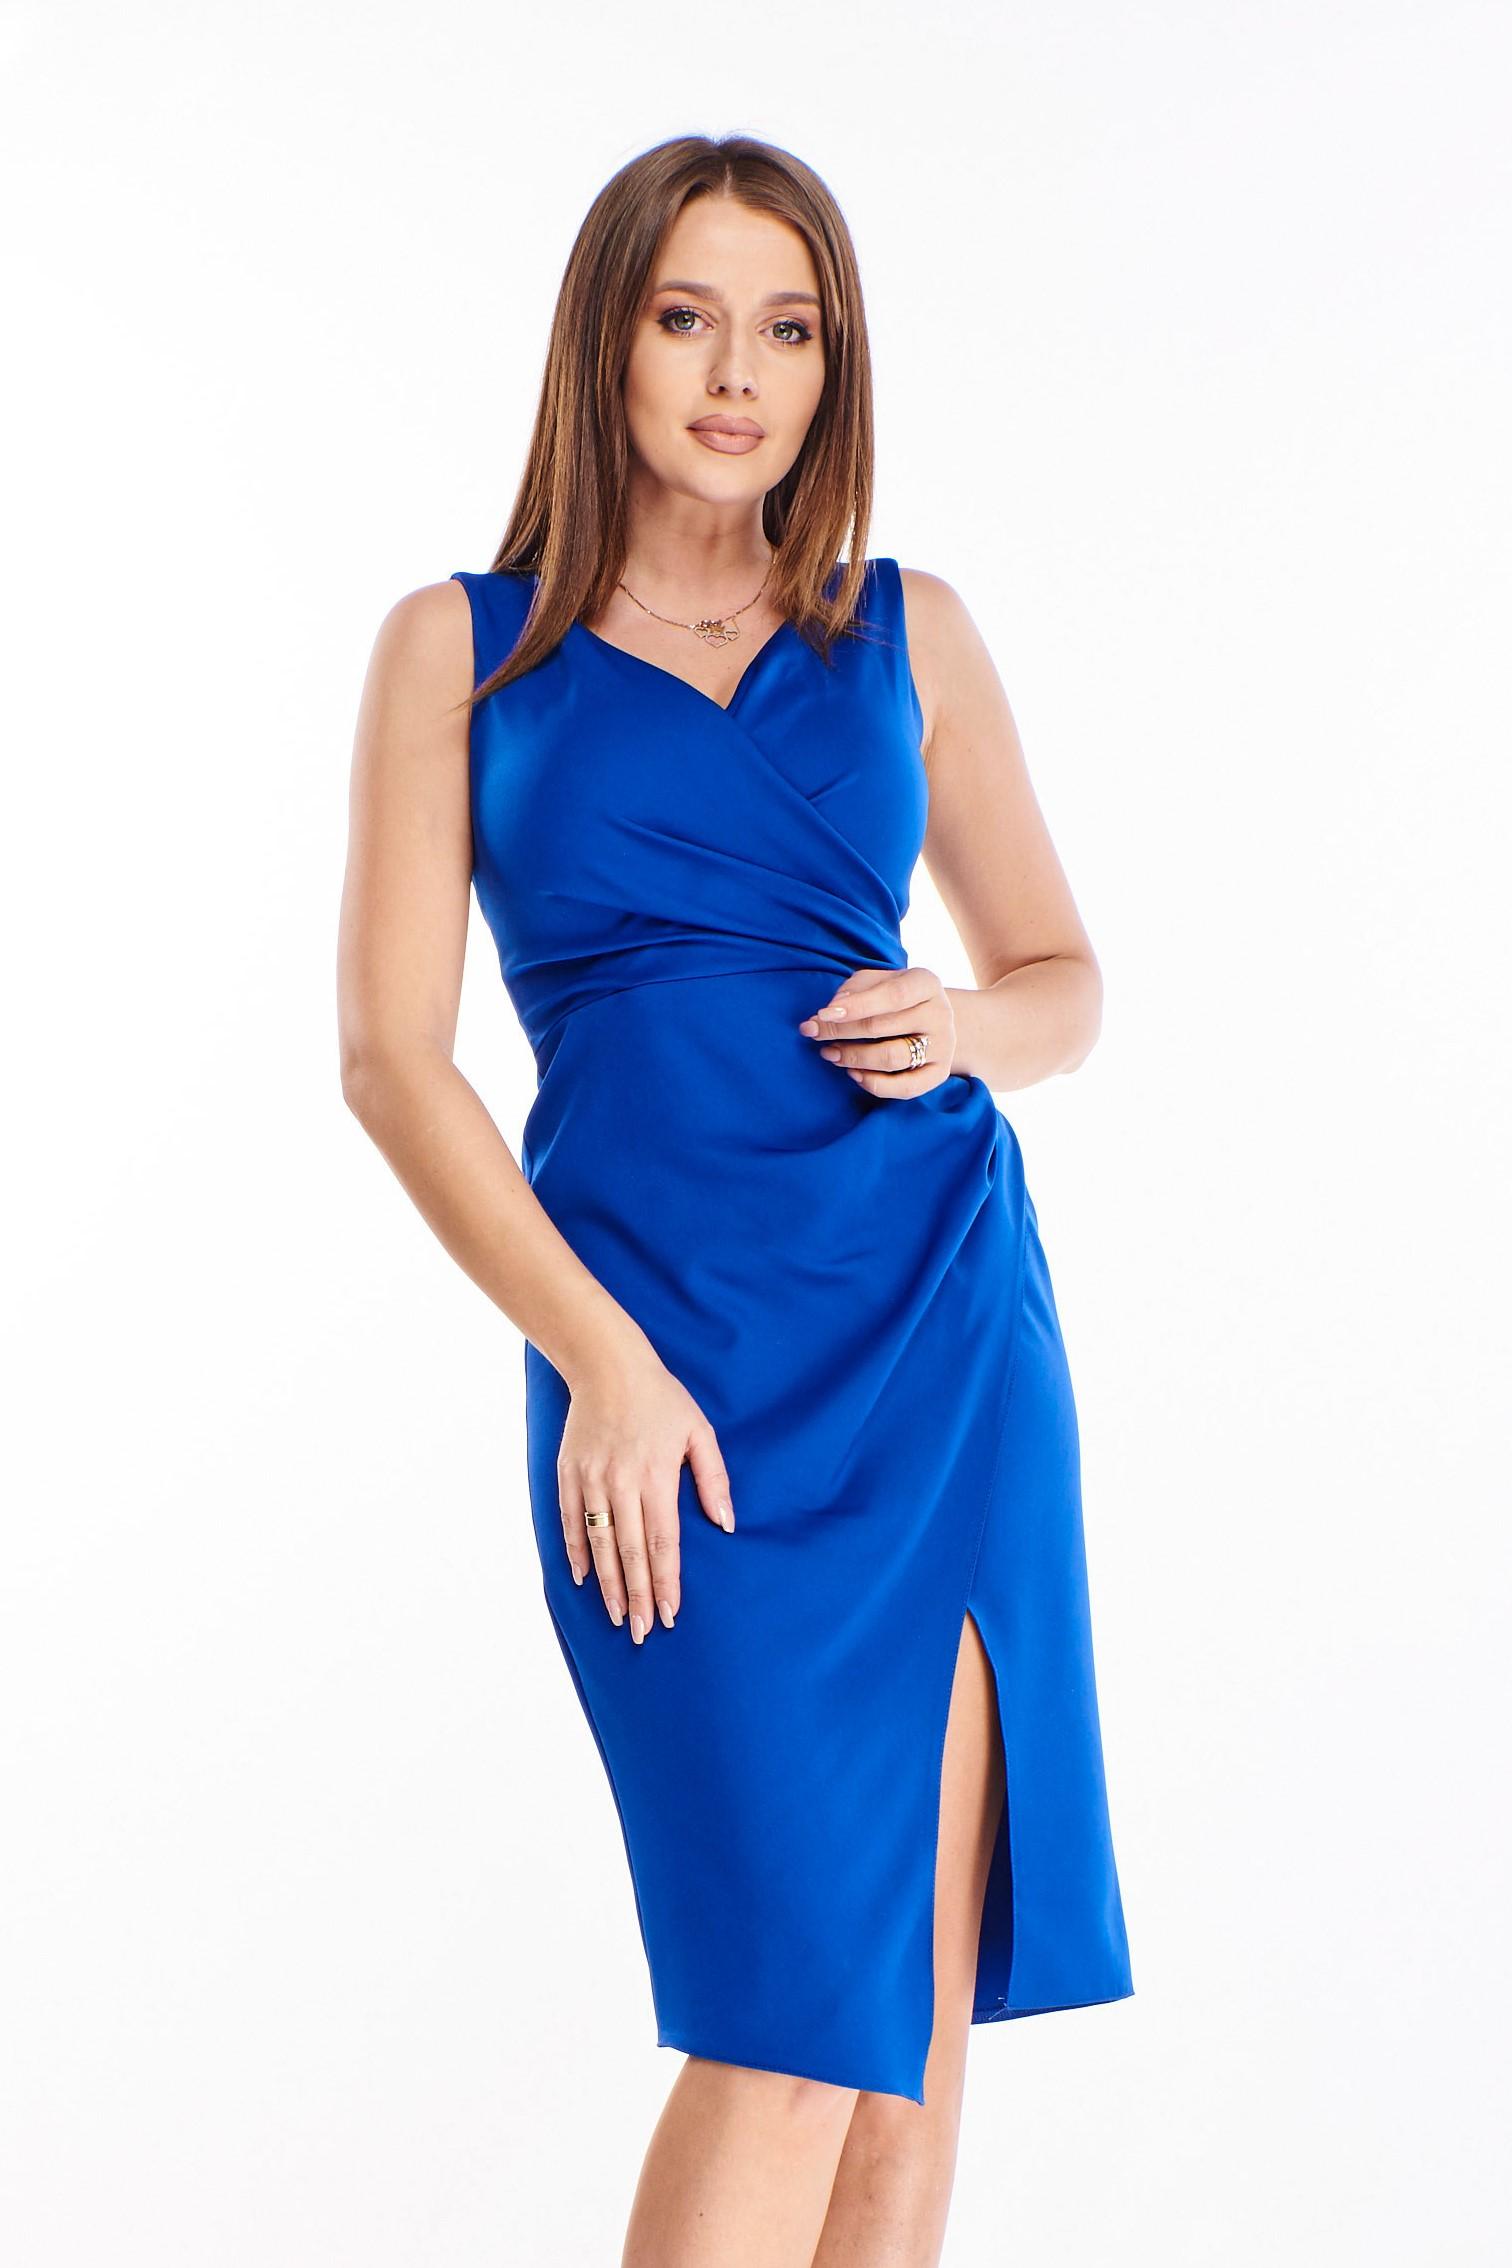 Spoločenské modré šaty s rázporkom - 40